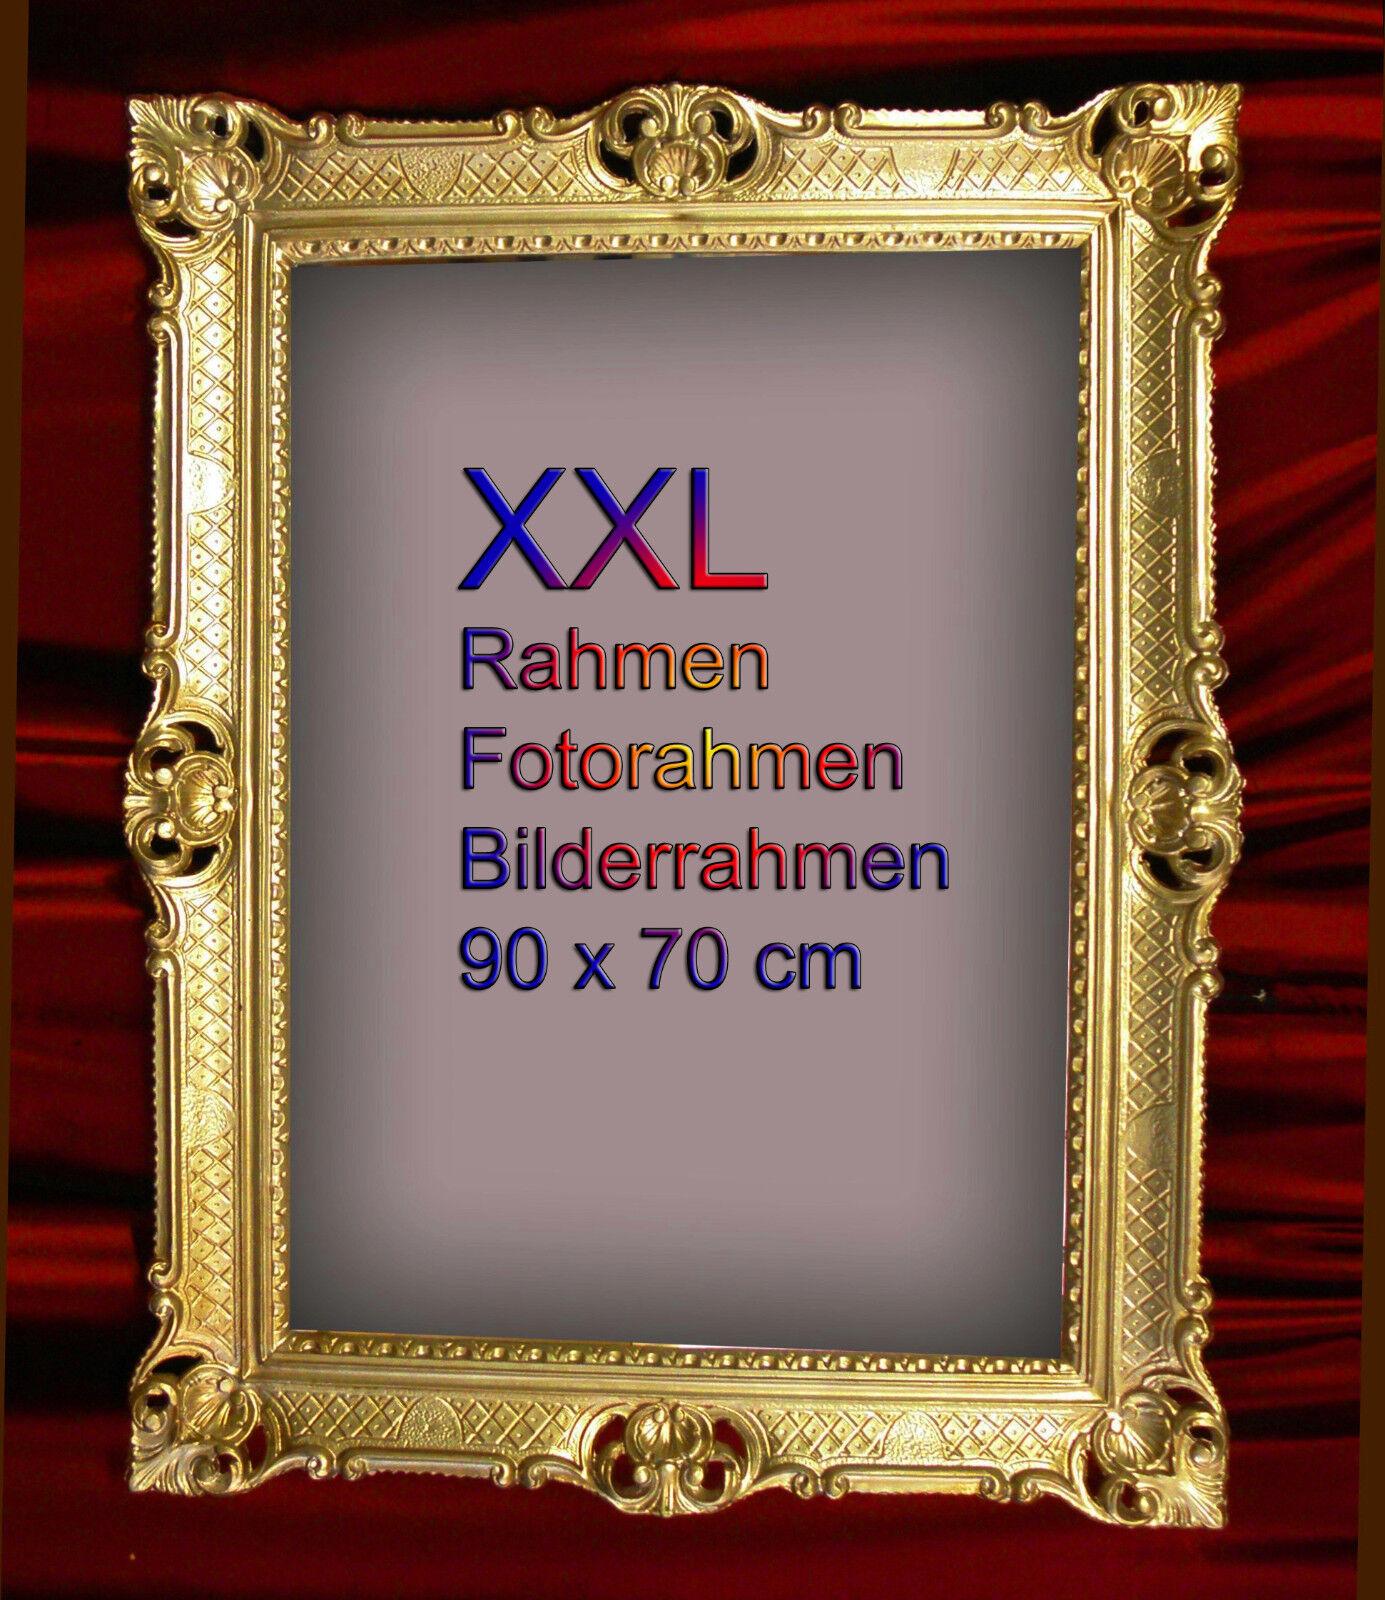 Bilderrahmen 90x70 gold antik barock rahmen rokoko for Couchtisch 90x70